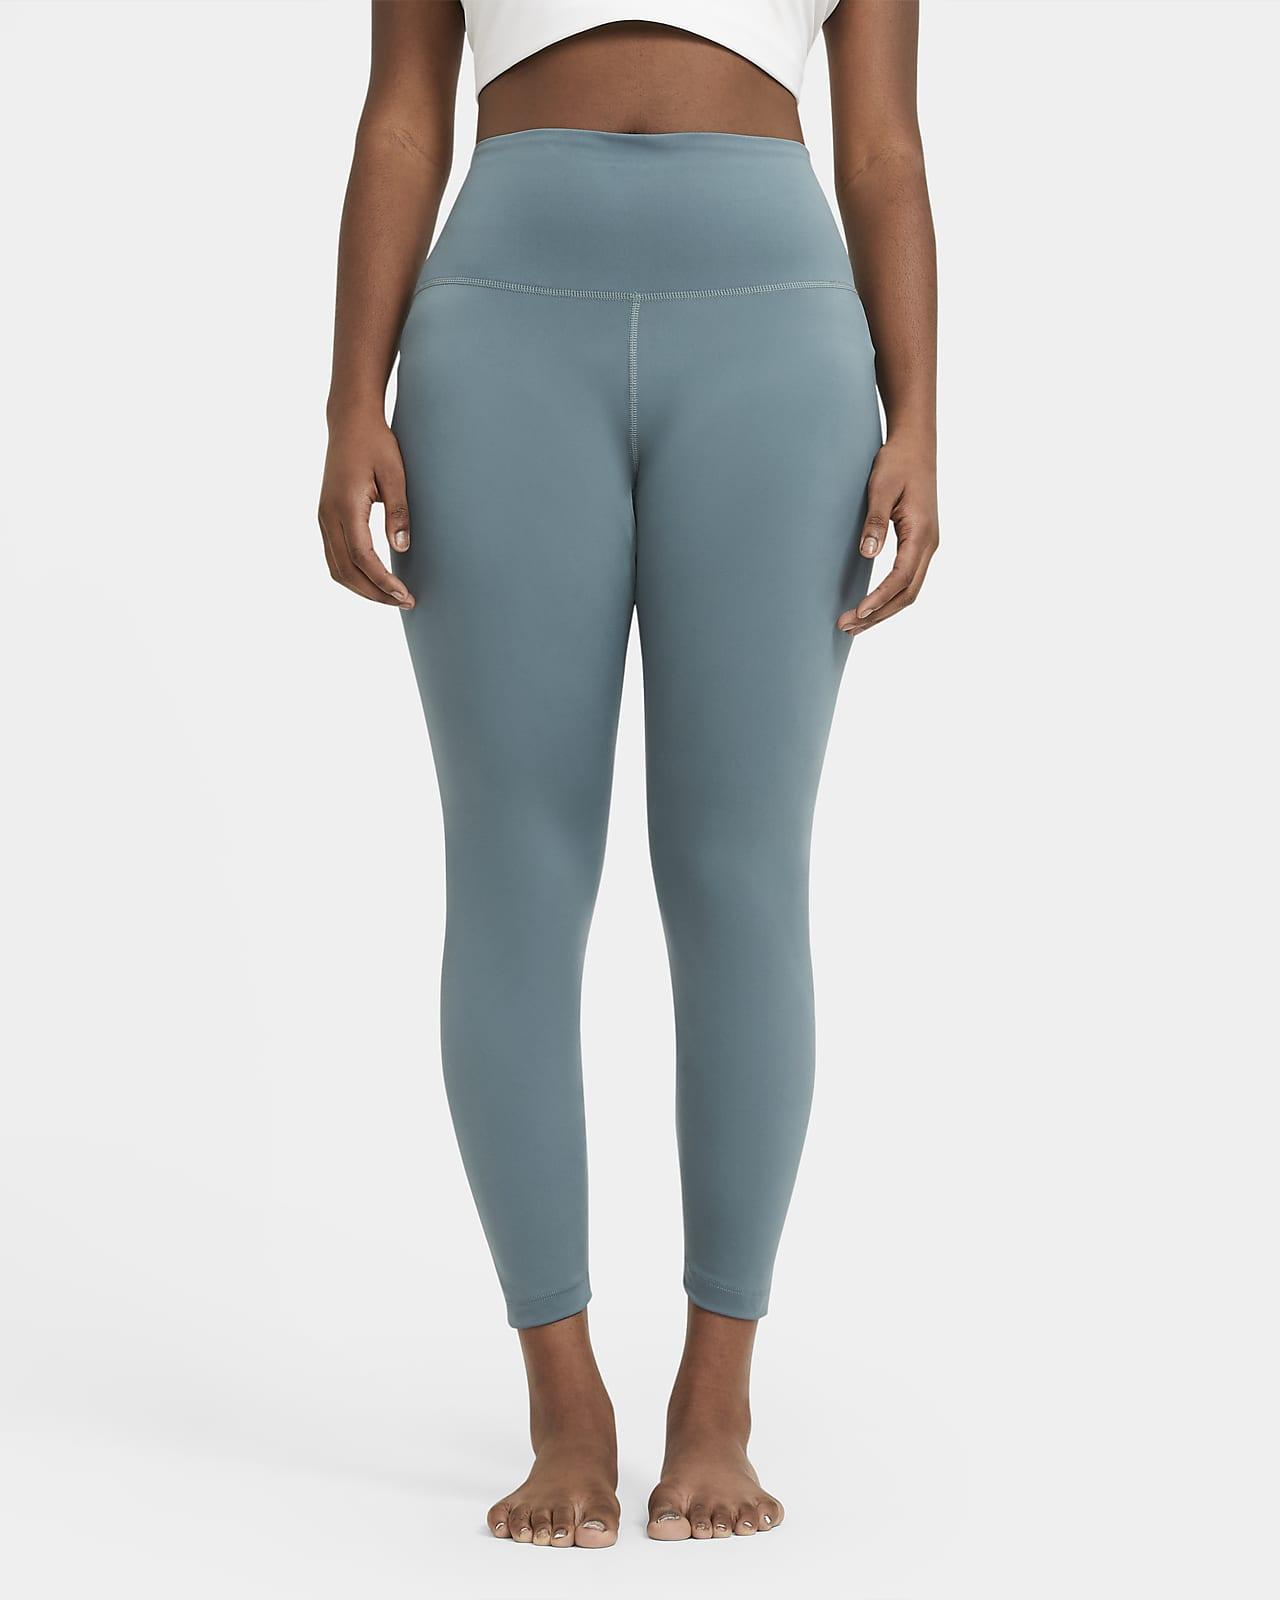 Женские слегка укороченные леггинсы Nike Yoga (большие размеры)